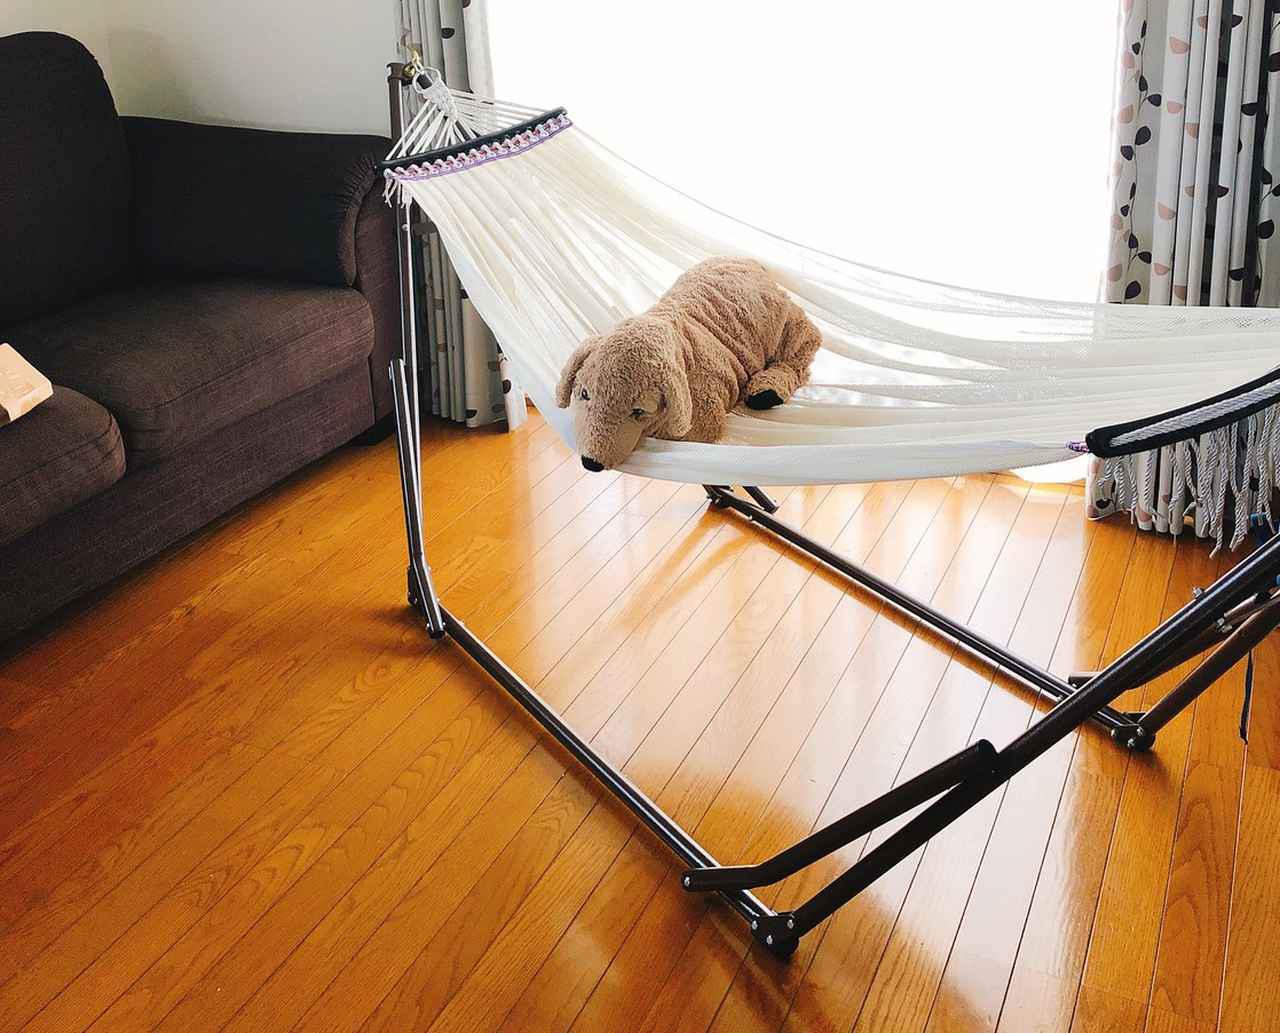 画像: 室内でもキャンプでも使えてとても便利! 自立式ハンモックなら場所を選ばずにどこでも設置できる